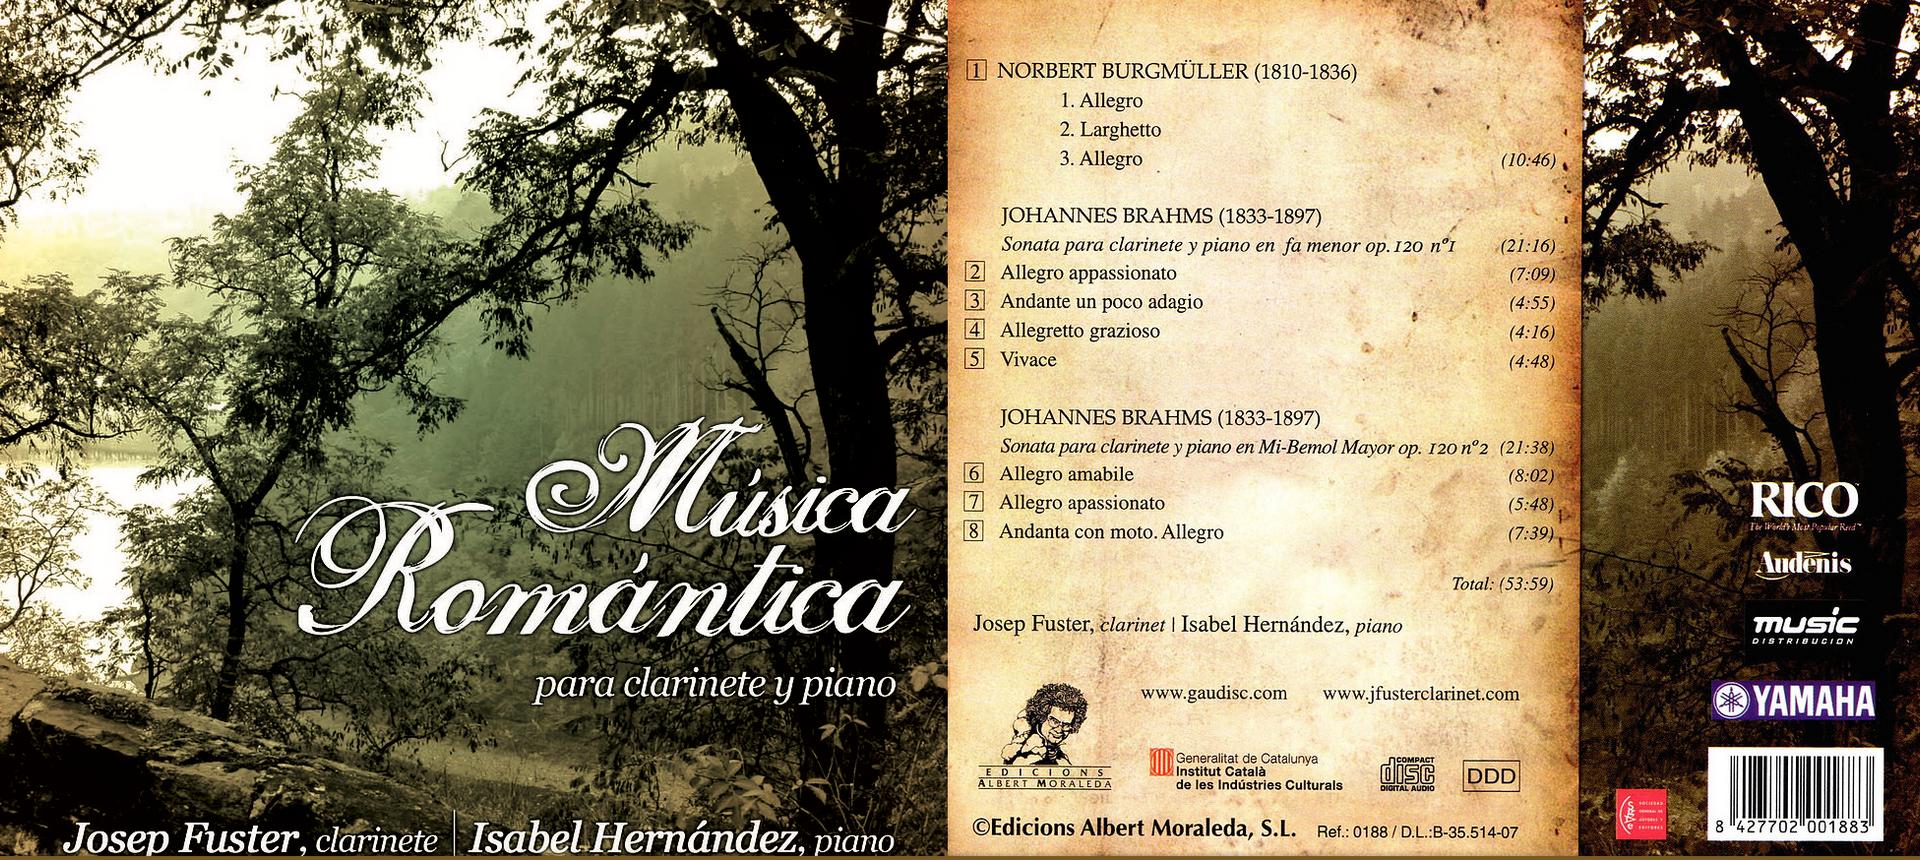 Musica Romantica.png